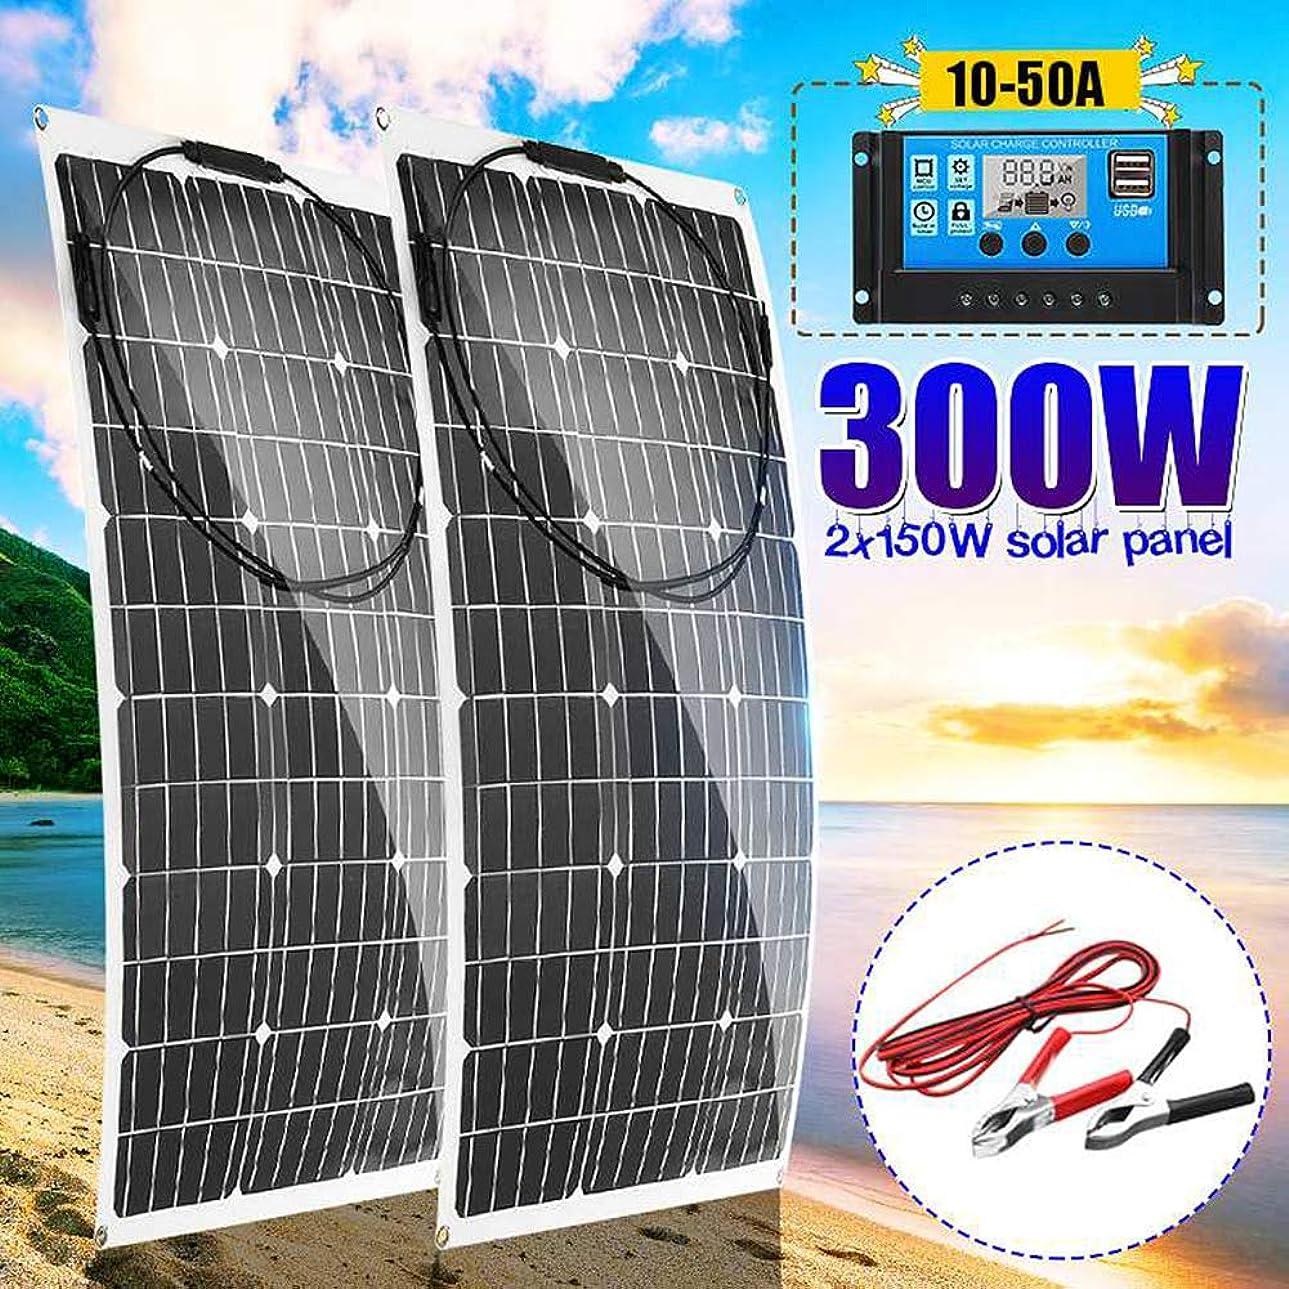 観客真っ逆さま散逸300ワット18ボルト柔軟なソーラーパネルキット2個150W柔軟なソーラーパネルコネクタ付き+ LCDソーラー充電コントローラ+ 16Ftソーラーケーブル